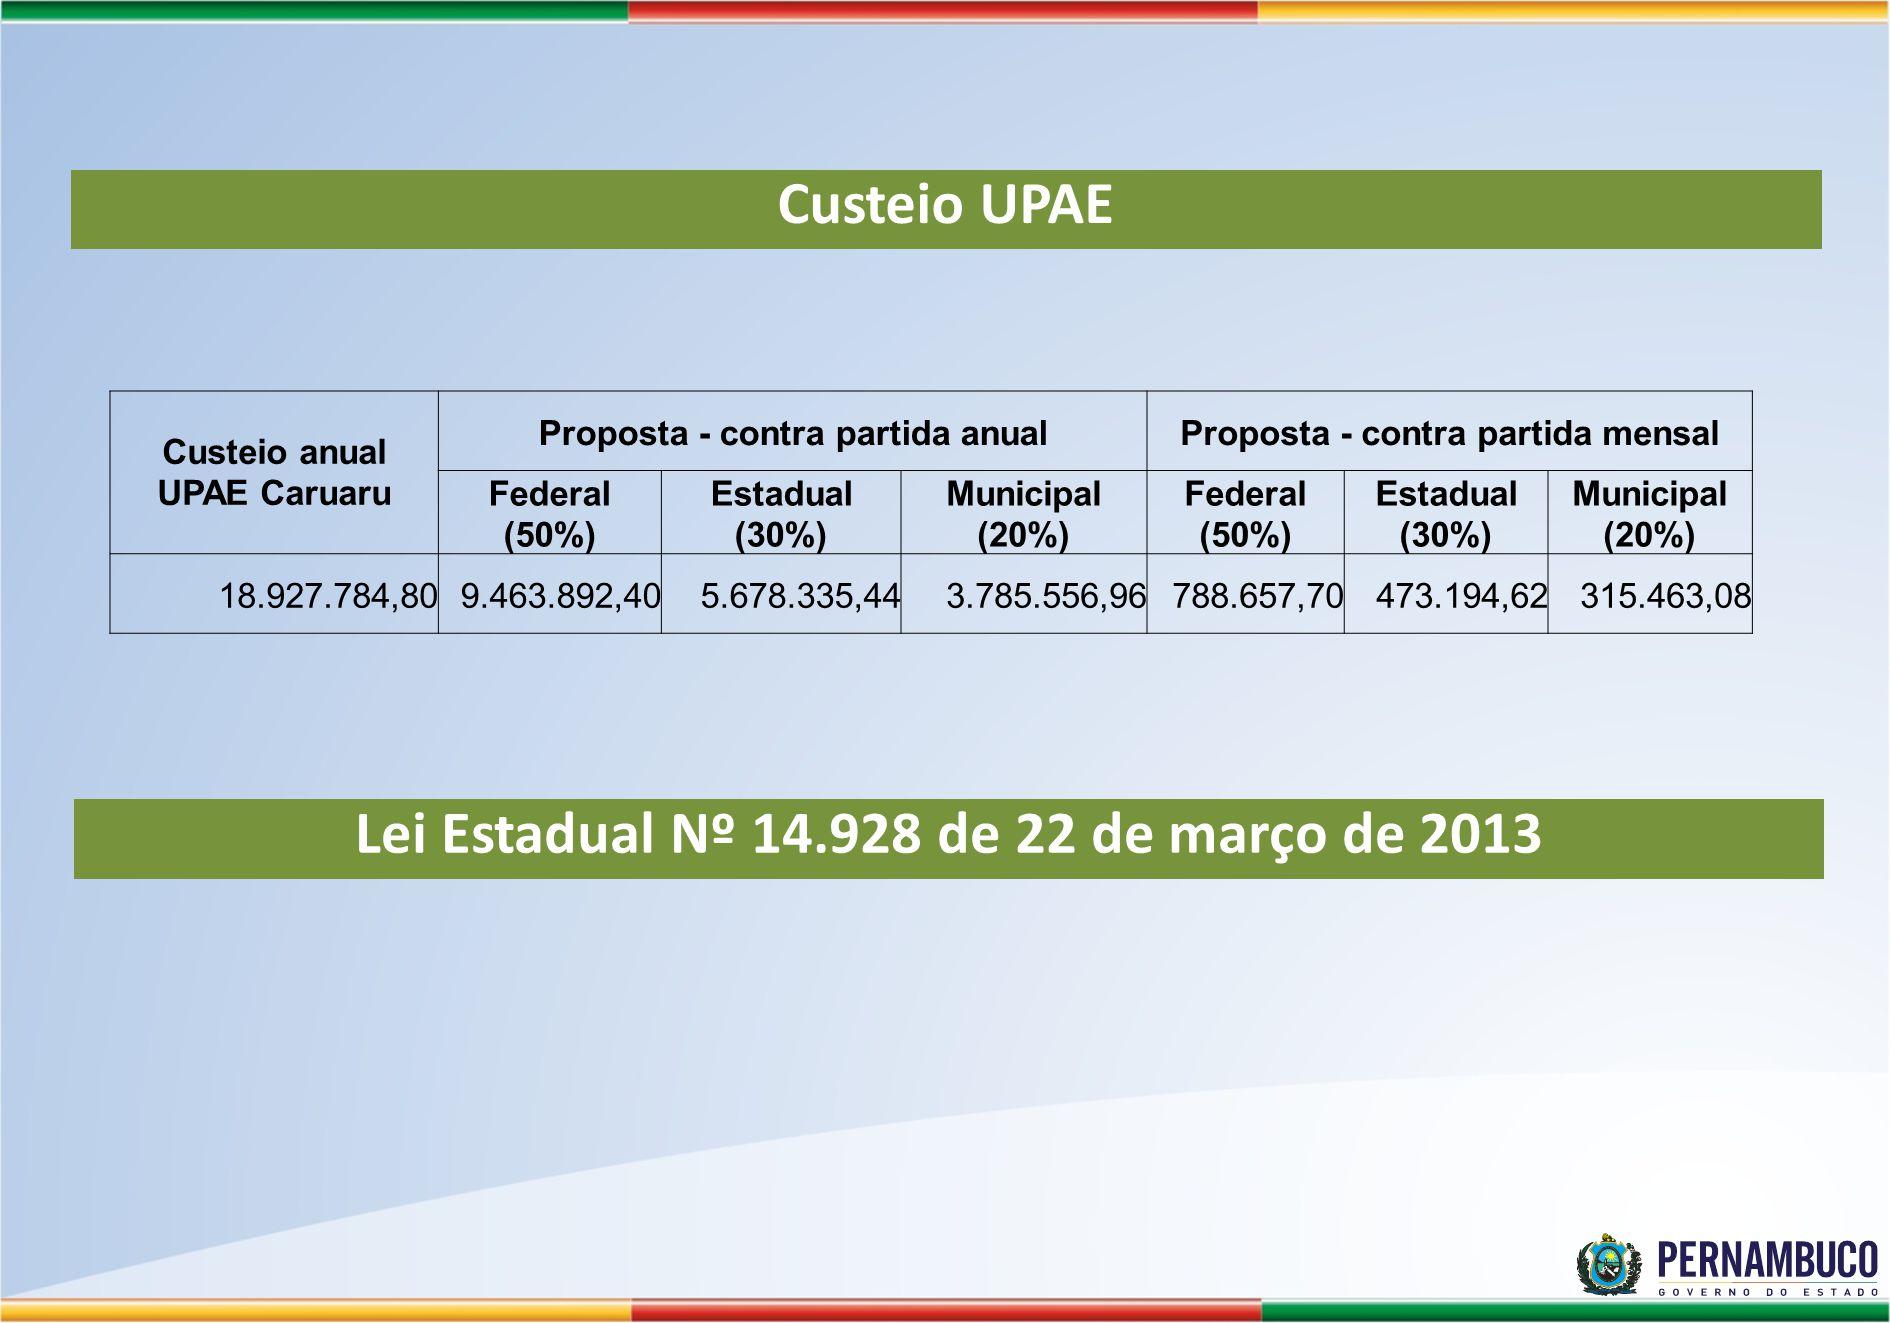 Lei Estadual Nº 14.928 de 22 de março de 2013 Custeio UPAE Custeio anual UPAE Caruaru Proposta - contra partida anualProposta - contra partida mensal Federal (50%) Estadual (30%) Municipal (20%) Federal (50%) Estadual (30%) Municipal (20%) 18.927.784,809.463.892,405.678.335,443.785.556,96788.657,70473.194,62315.463,08